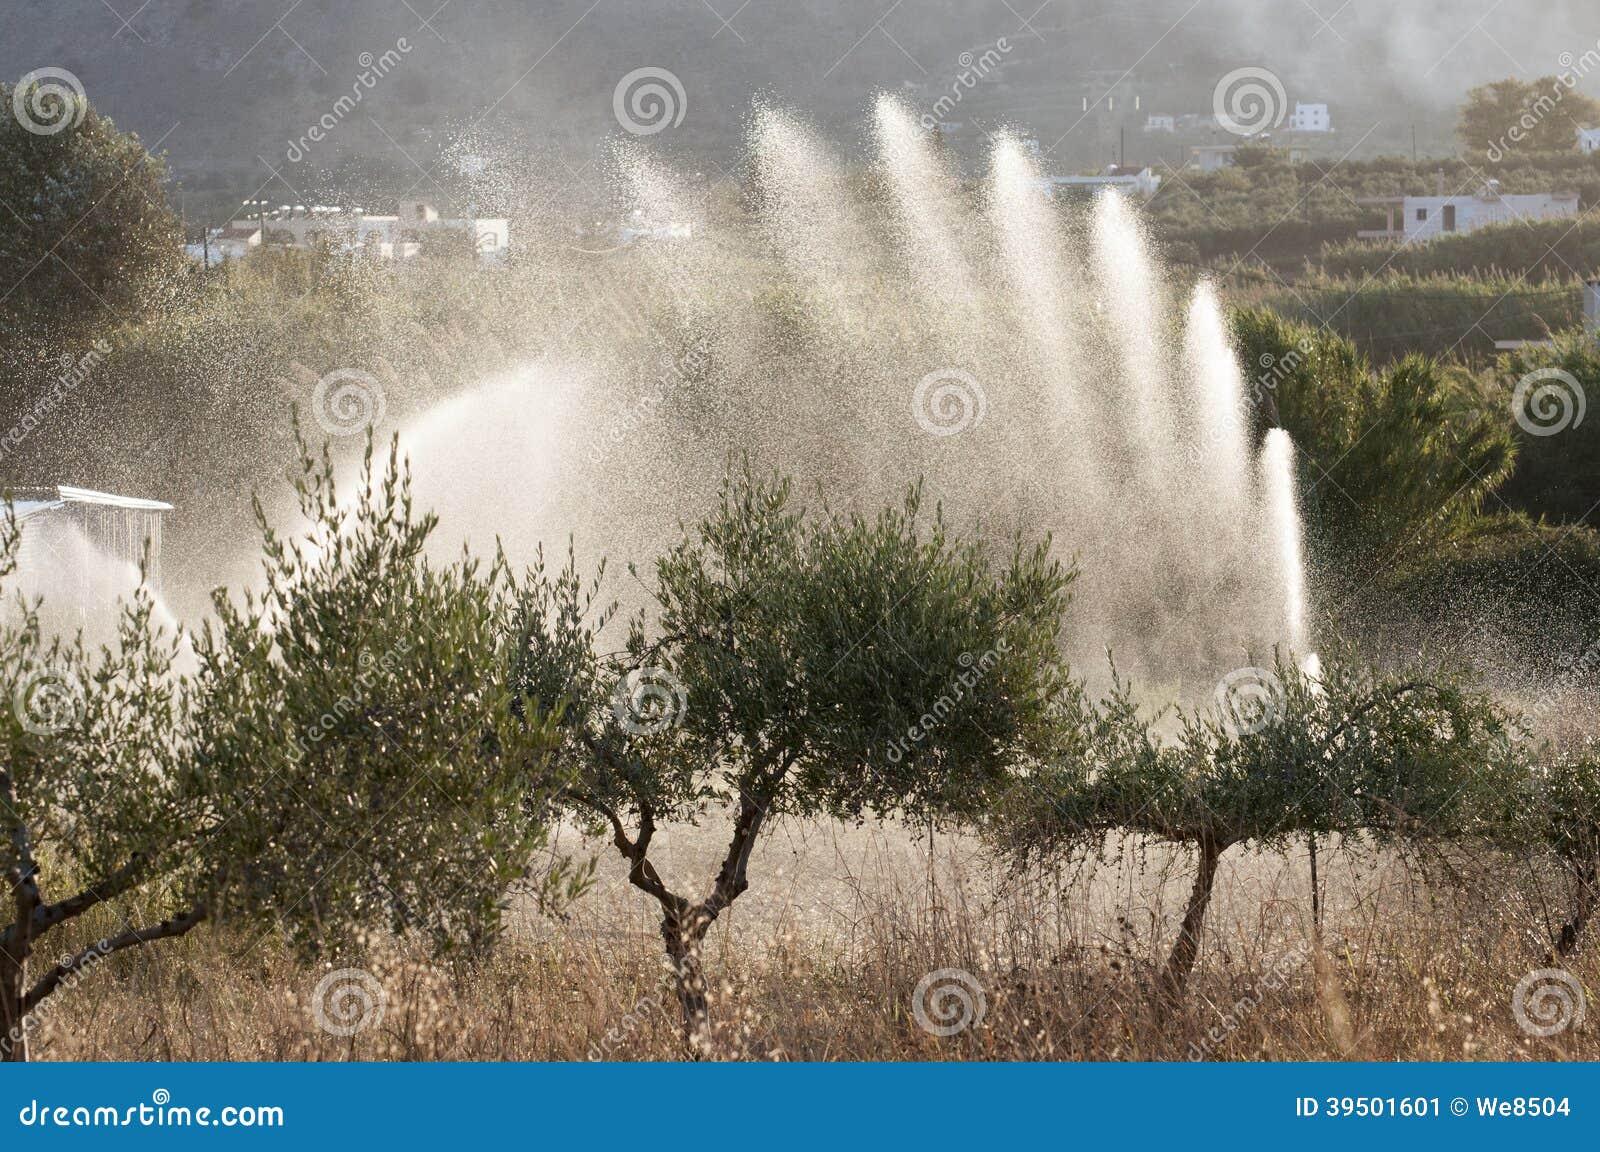 Olive trees irrigation